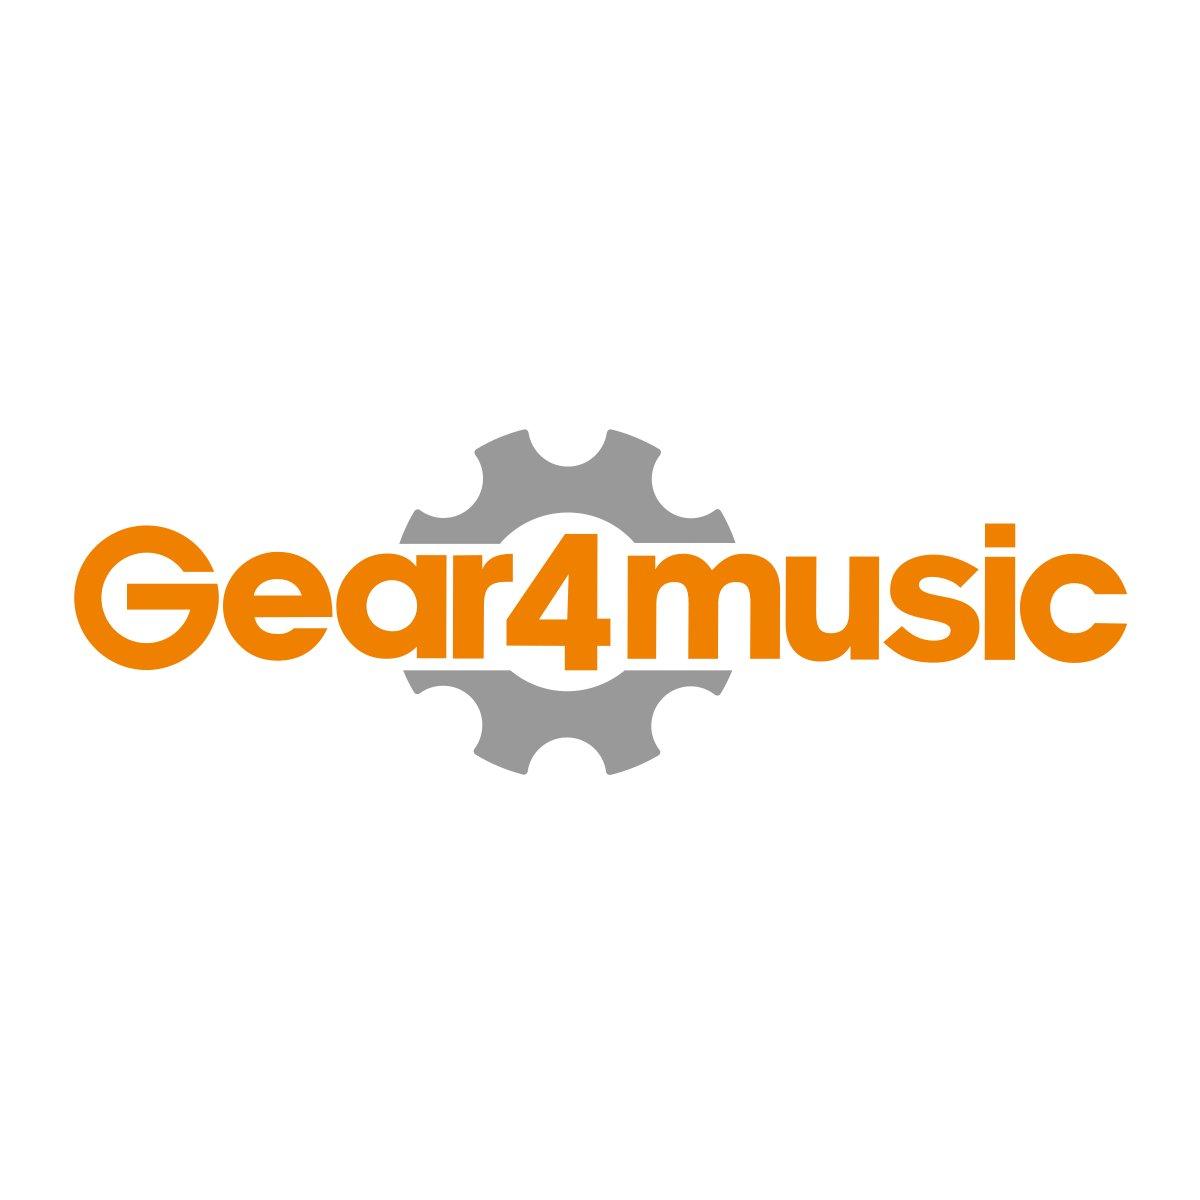 Kakovostna torba za električna kitara z naramnicami od Gear4music